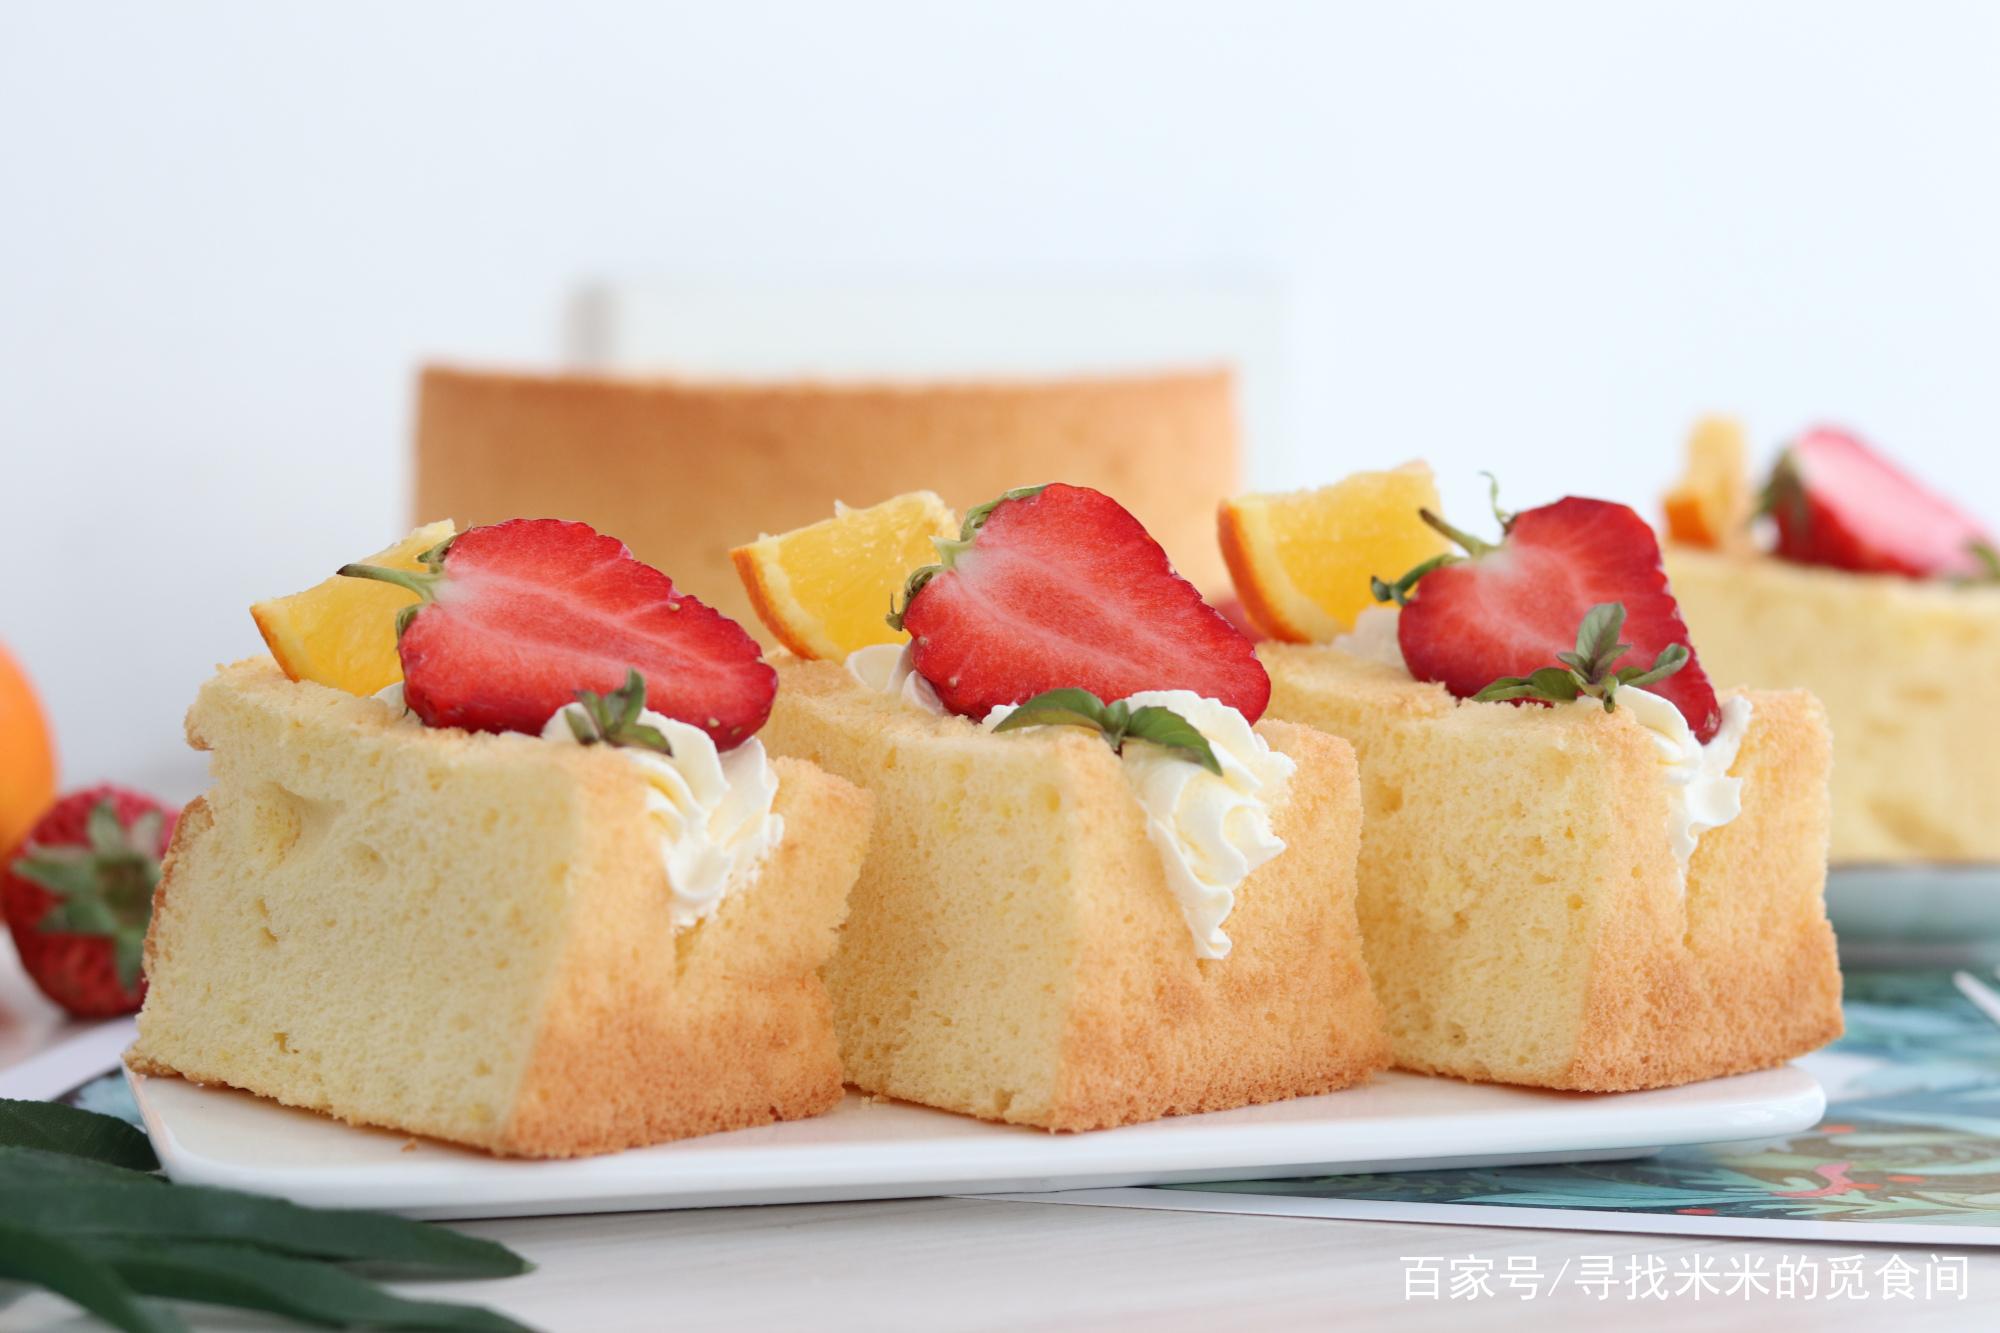 不要老做凉皮啦,跟我学做蛋糕,颜值高味道好,发朋友圈满满的赞